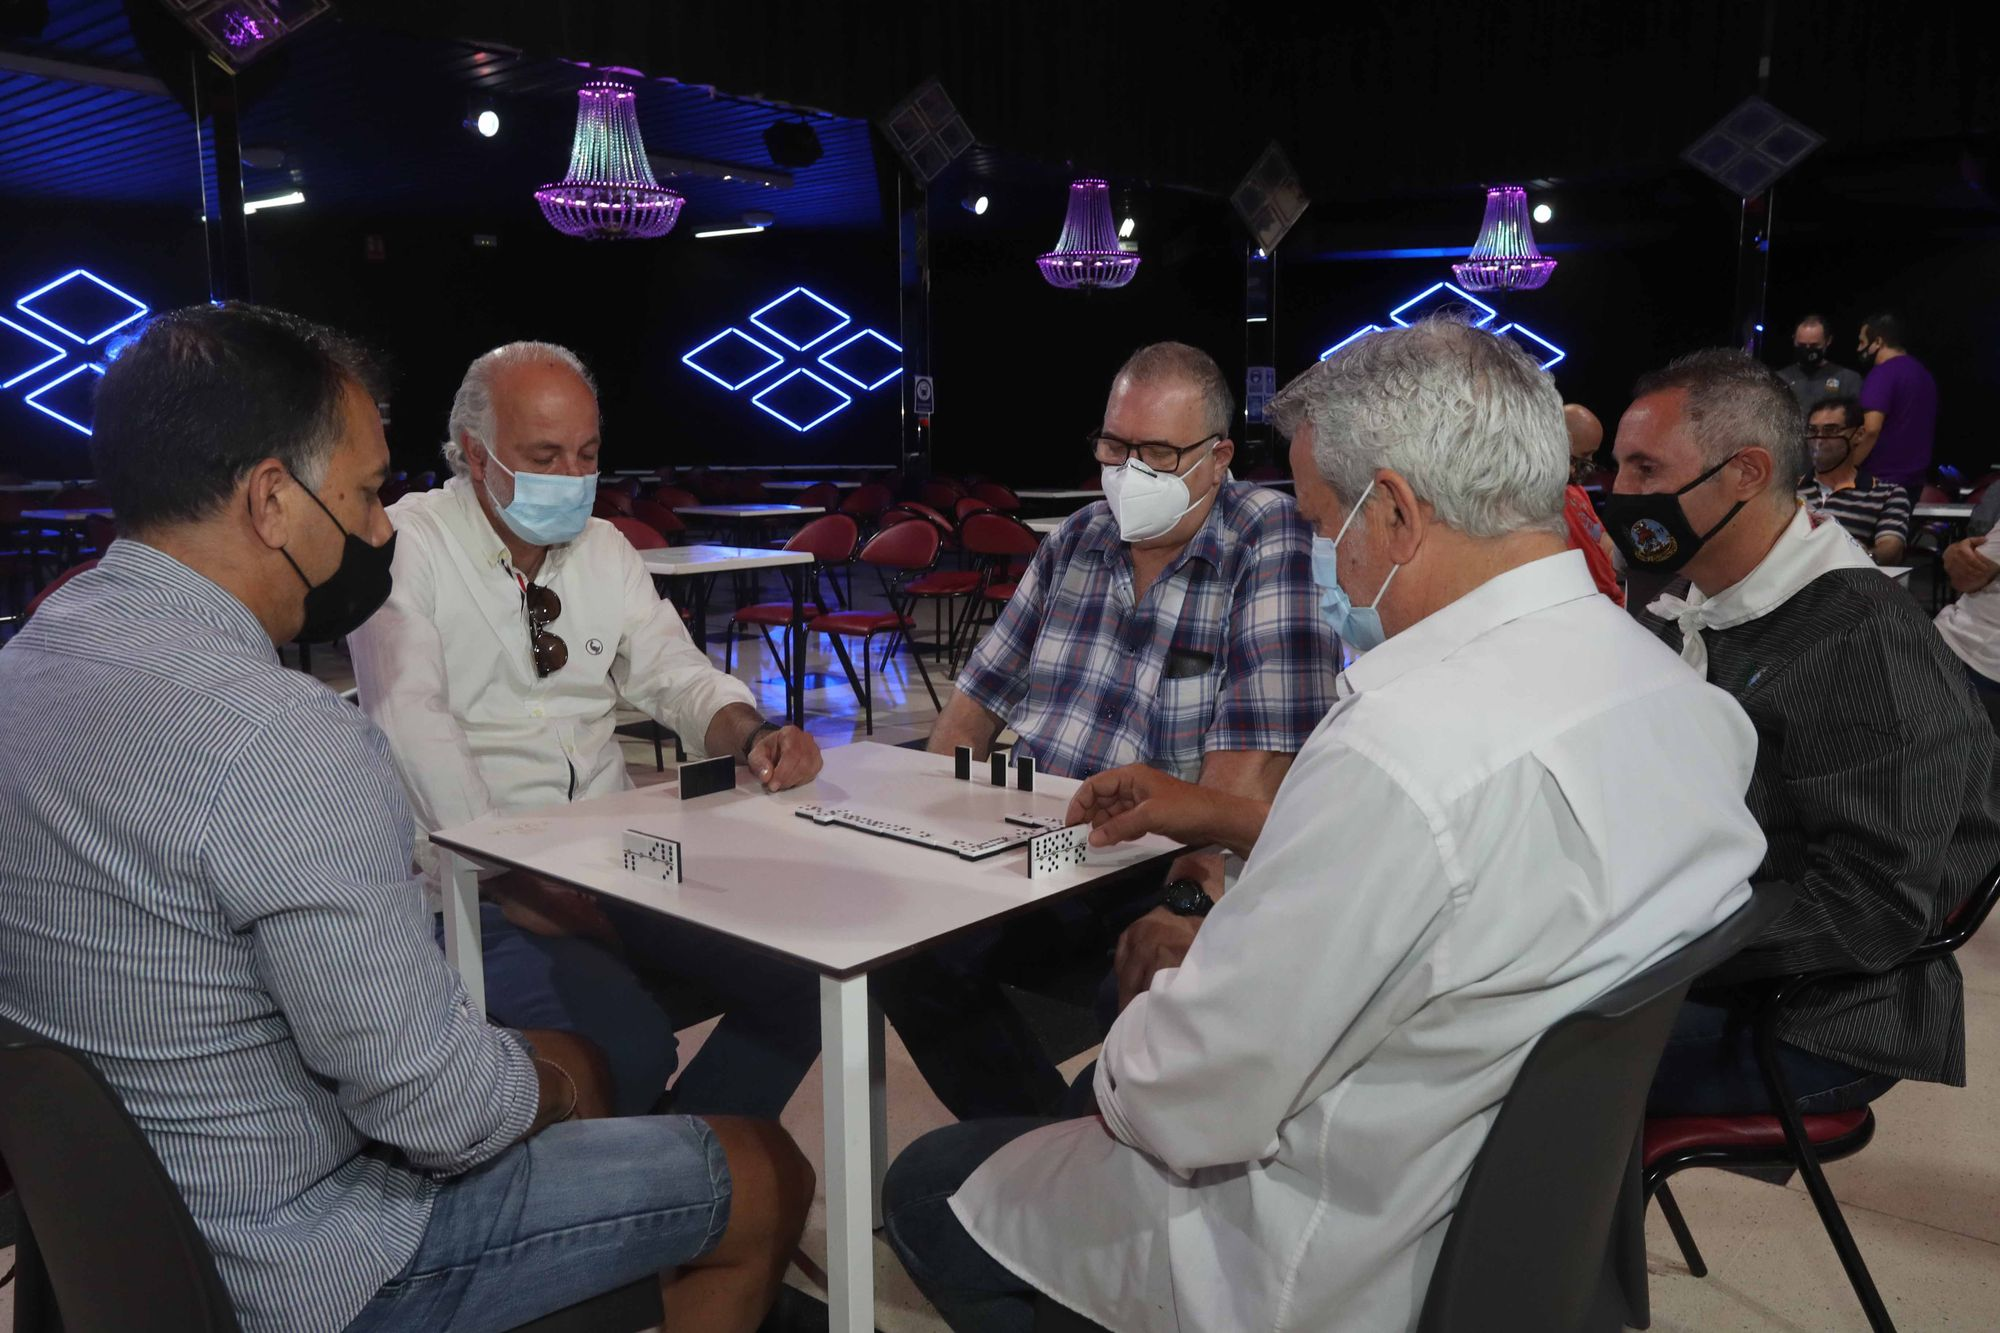 Cinco meses después la Junta Central Fallera ha completado los campeonatos de juegos tradicionales (truc, dominó y parchís)